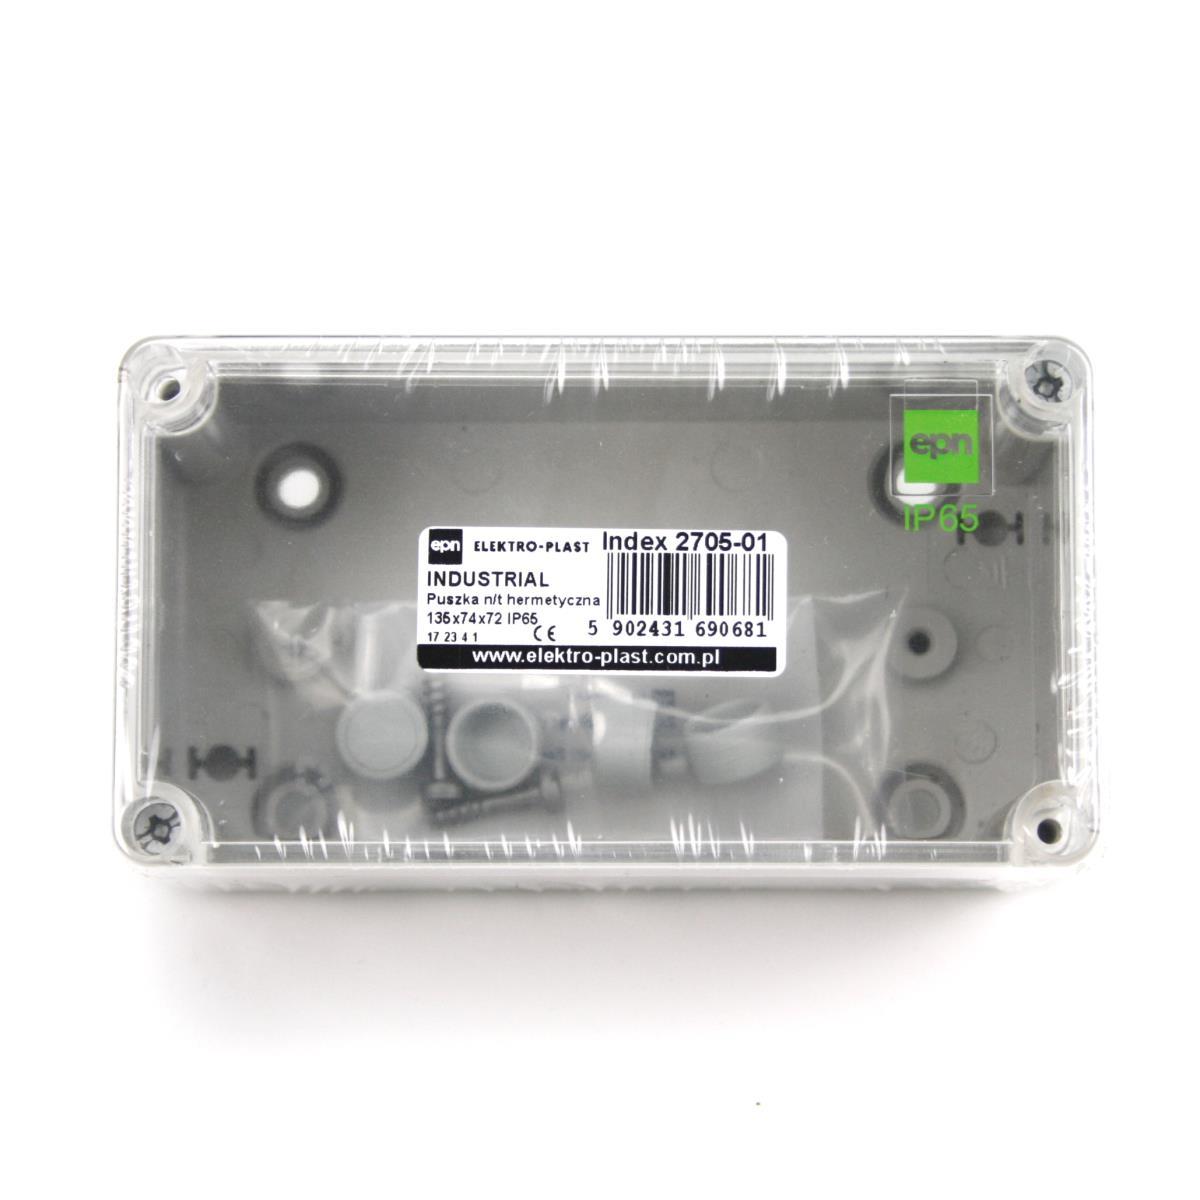 Aufputz Schalkasten IP65 Verteilerkasten 135x74x72 transparent Industrie Gehäuse,Elektro-Plast,2705-01, 5902431690681